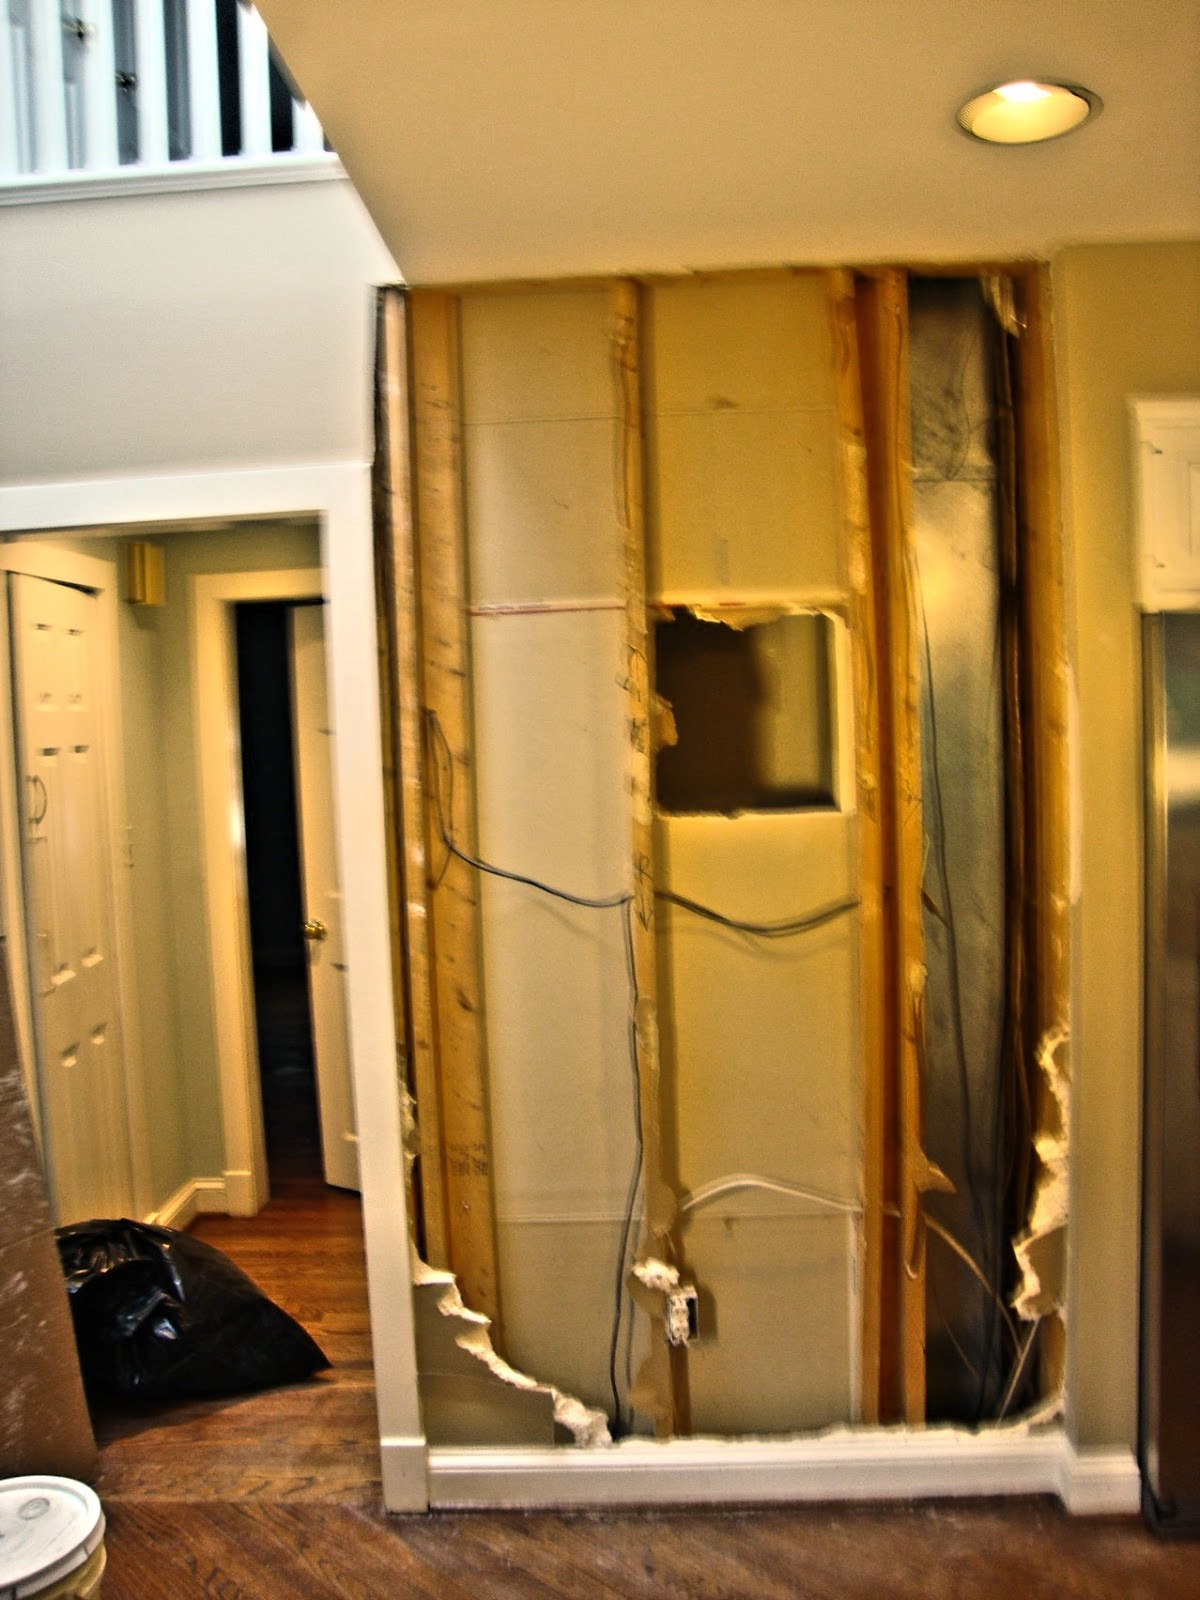 Sensational Old House Renovation Methods September 2014 Download Free Architecture Designs Embacsunscenecom